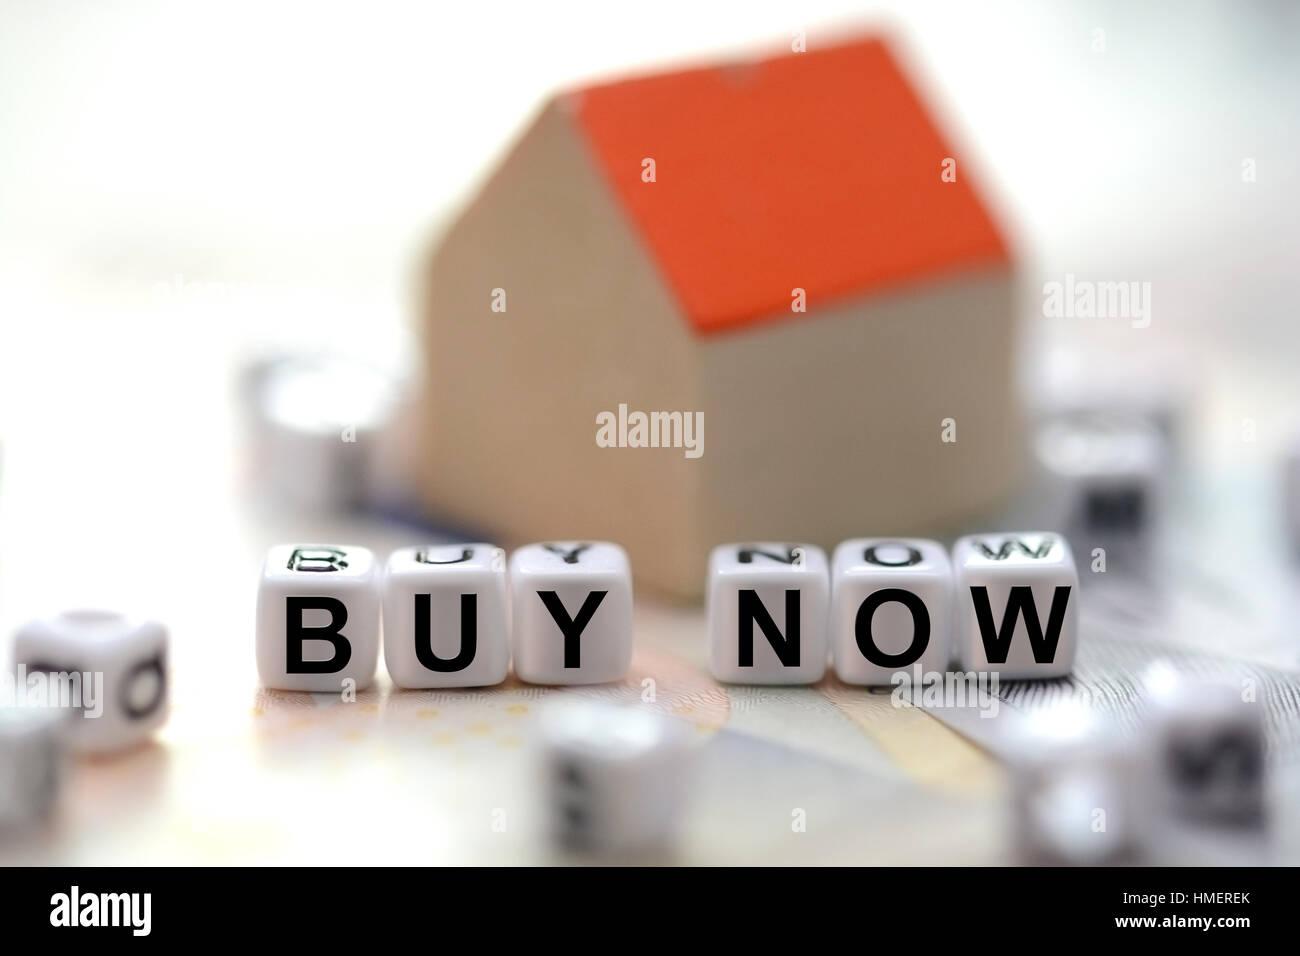 Comprar ahora texto escrito con letra de azulejos abalorios y un pequeño modelo borrosa en el fondo de la casa Foto de stock